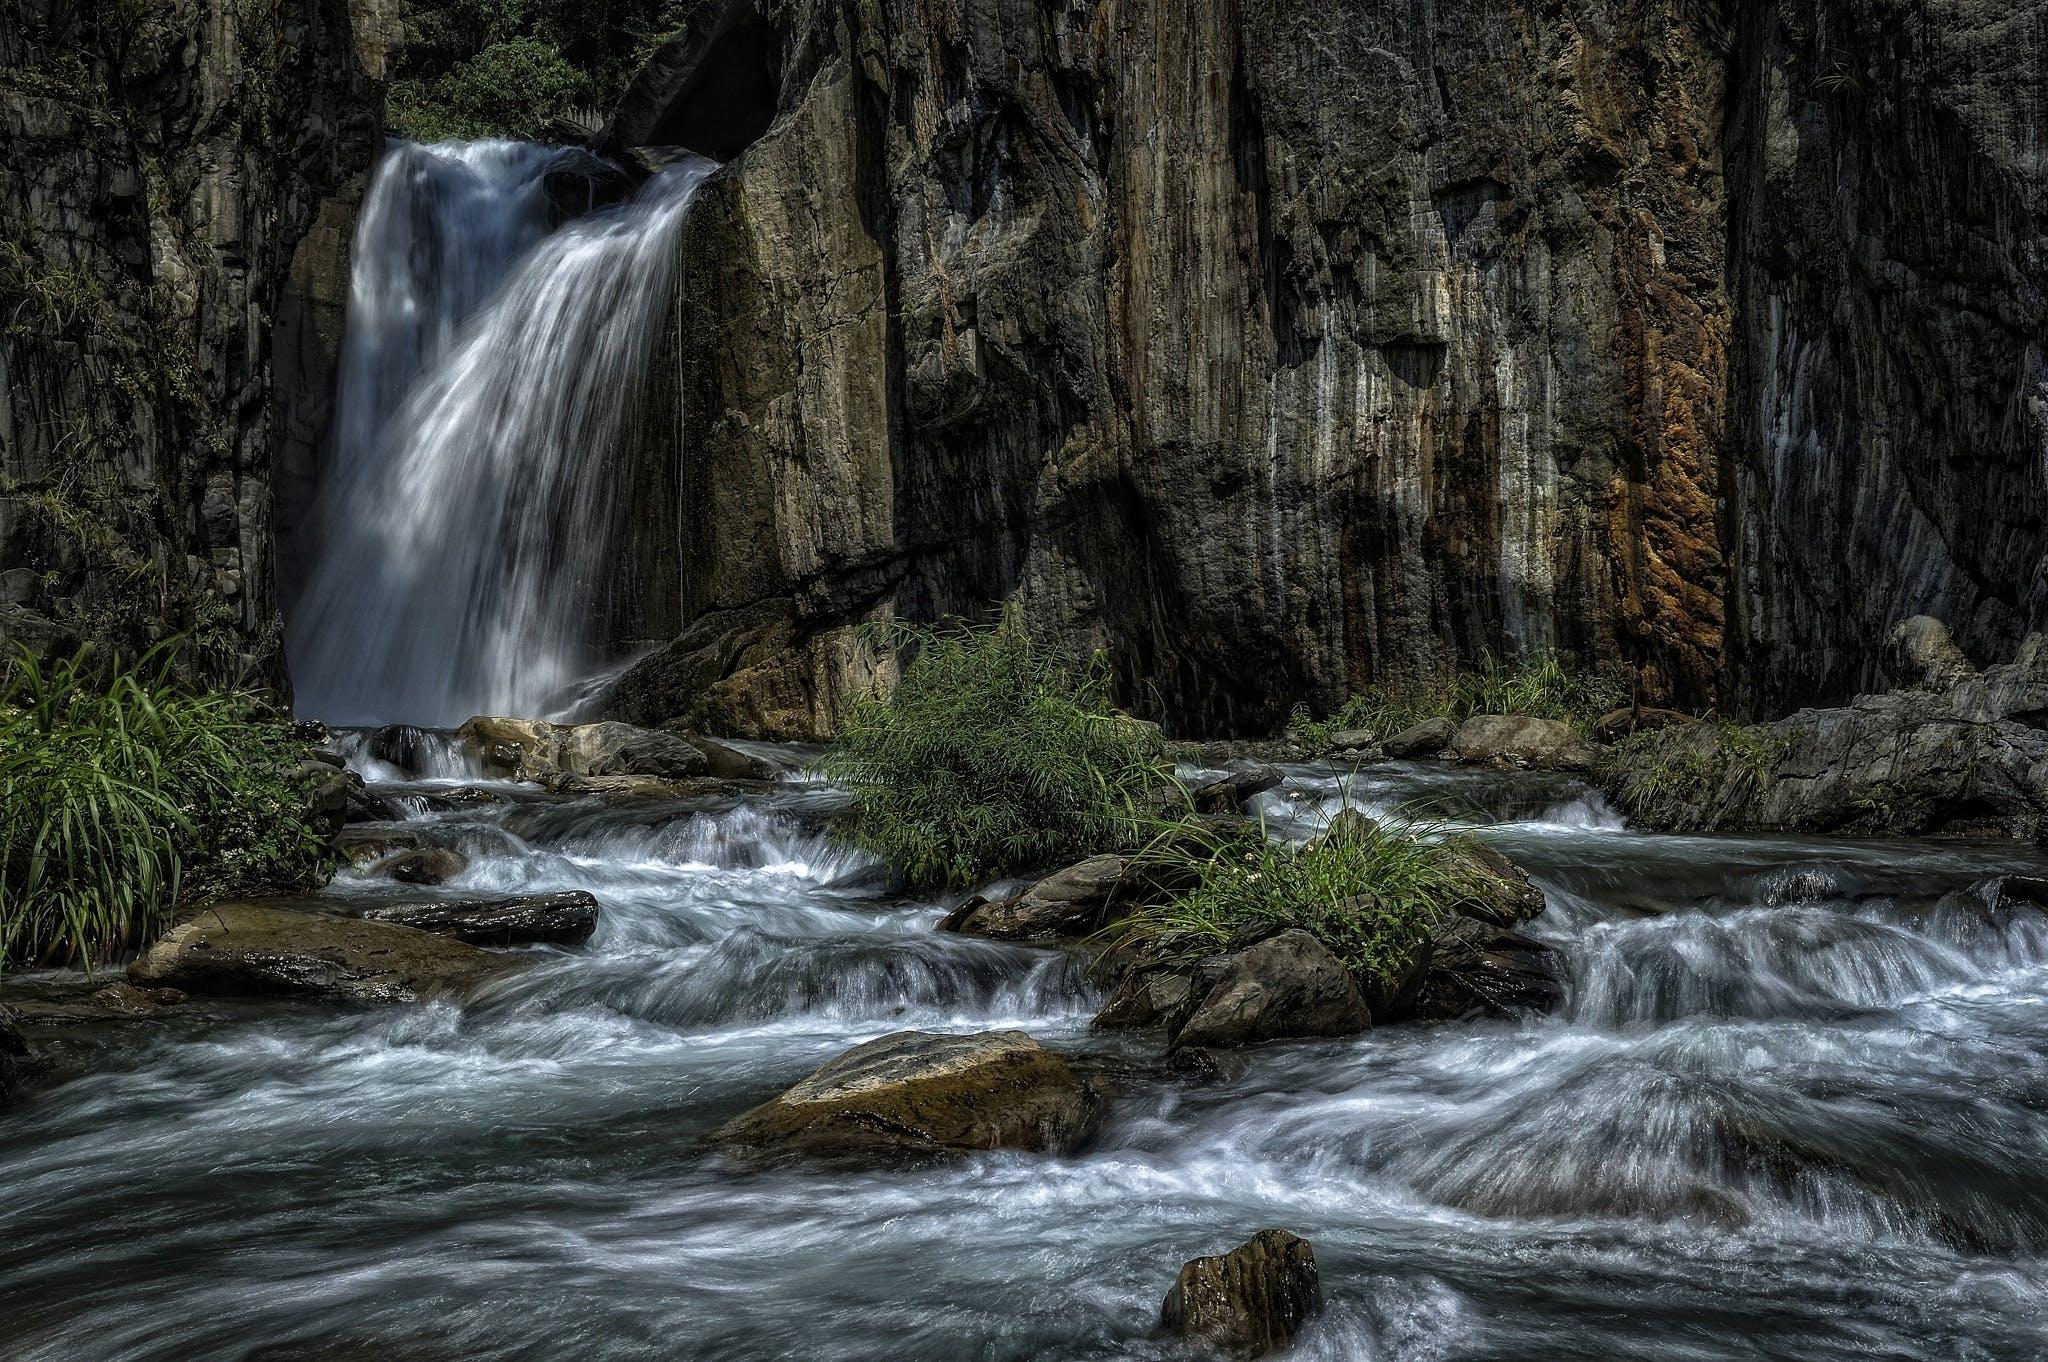 akarsu, çağlayan, doğa, hızlandırılmış içeren Ücretsiz stok fotoğraf